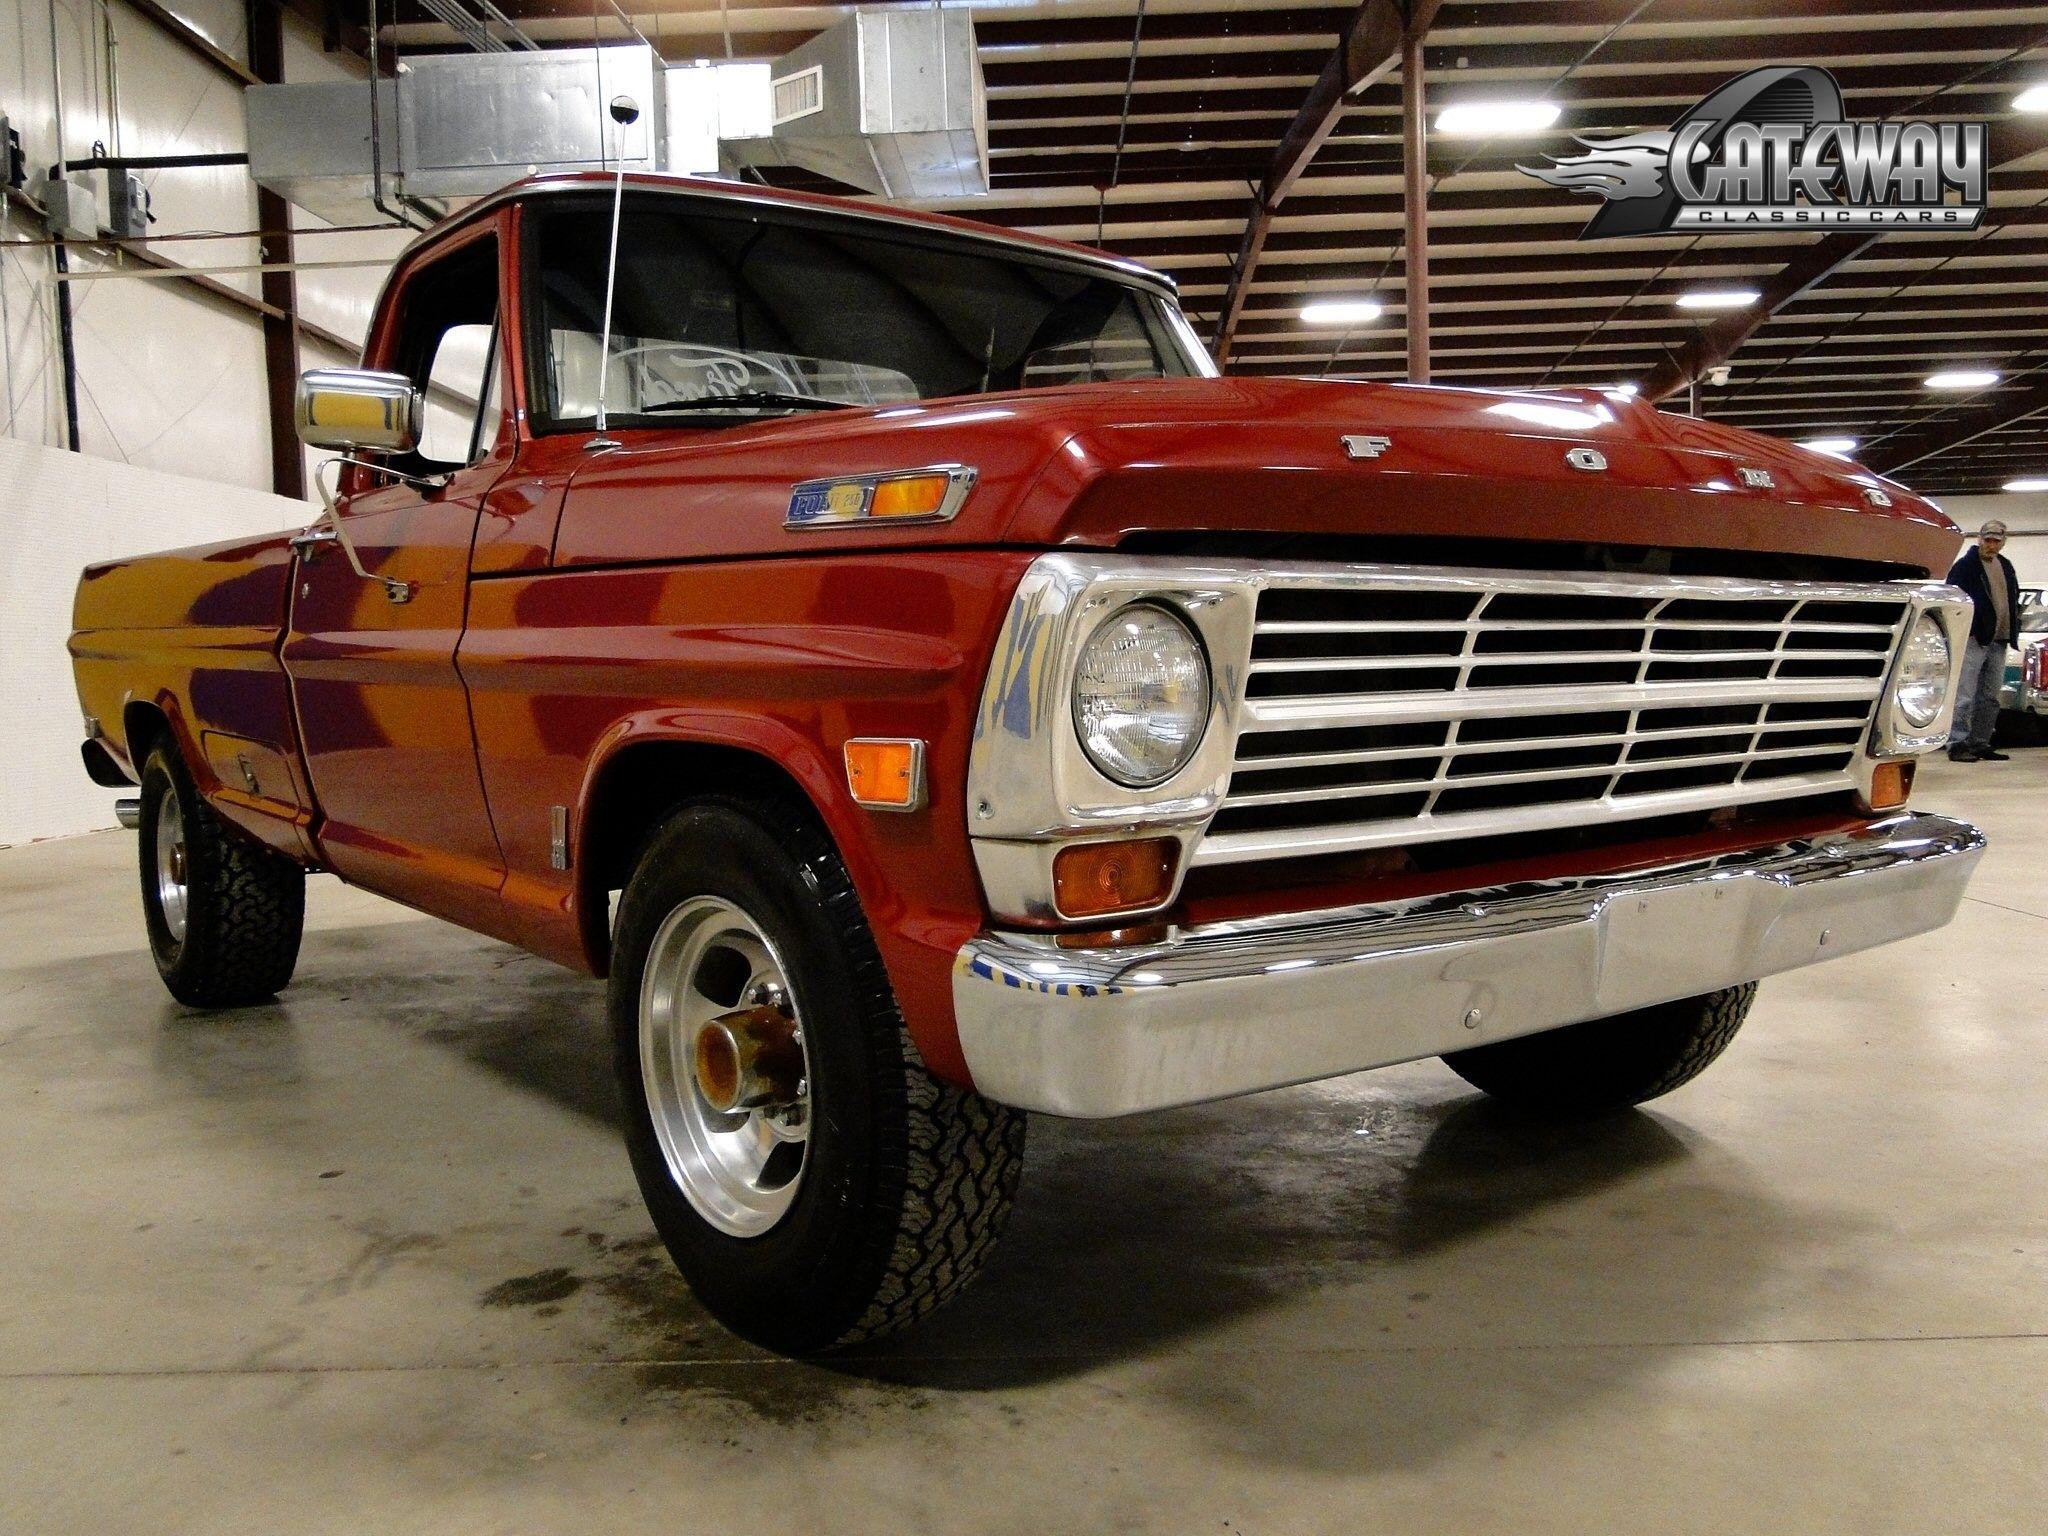 The Super Duty trucks are larger, heavier built series pickup trucks ...